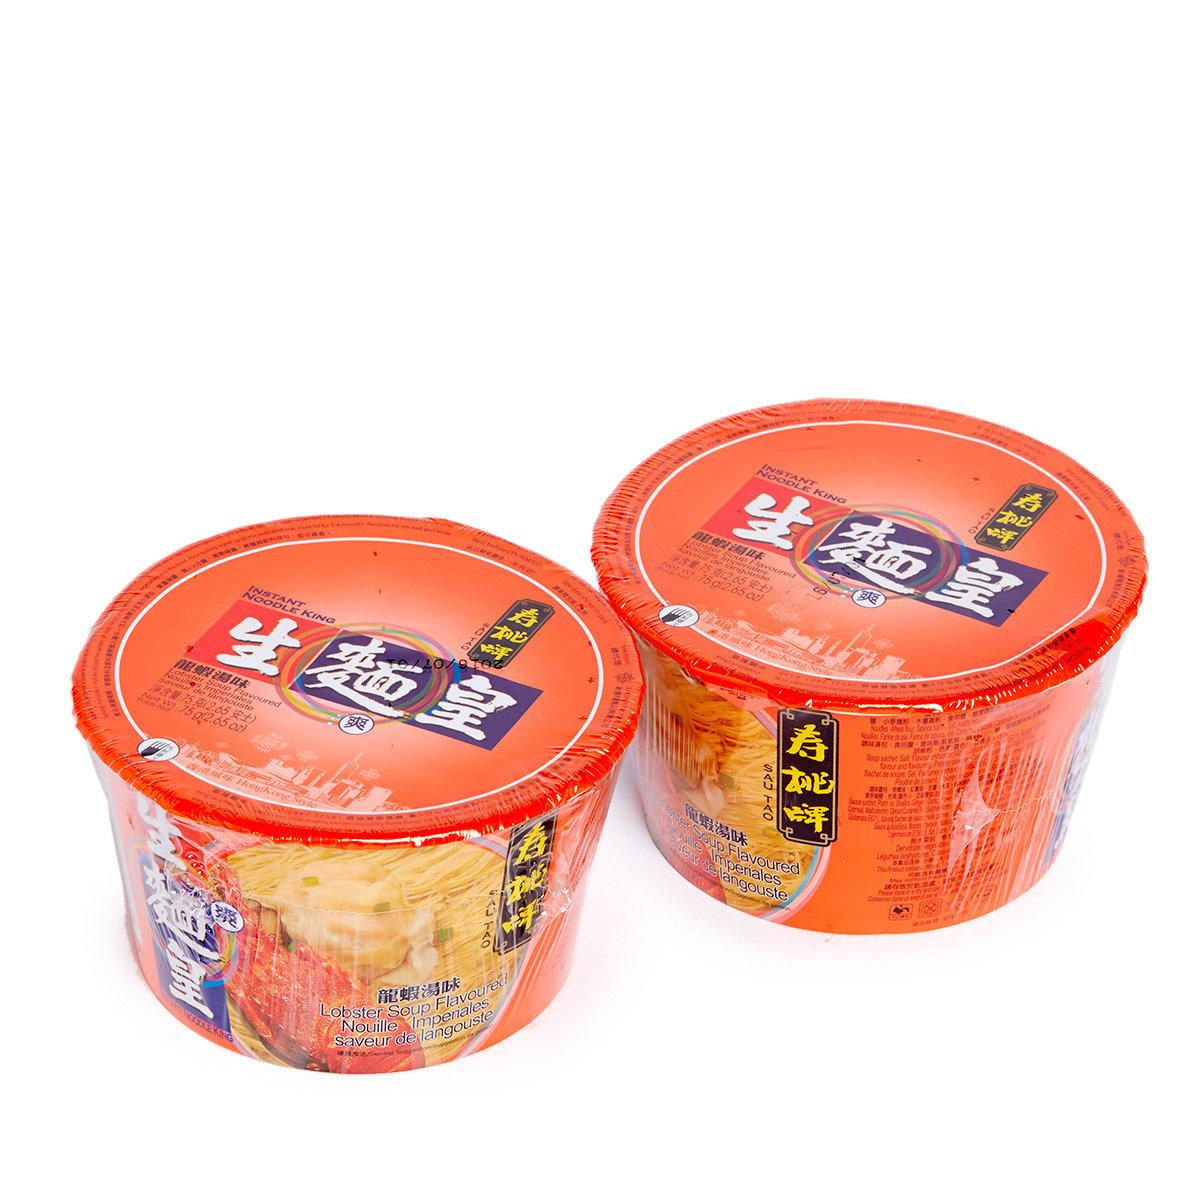 生麵皇(幼) 單碗裝 龍蝦湯味